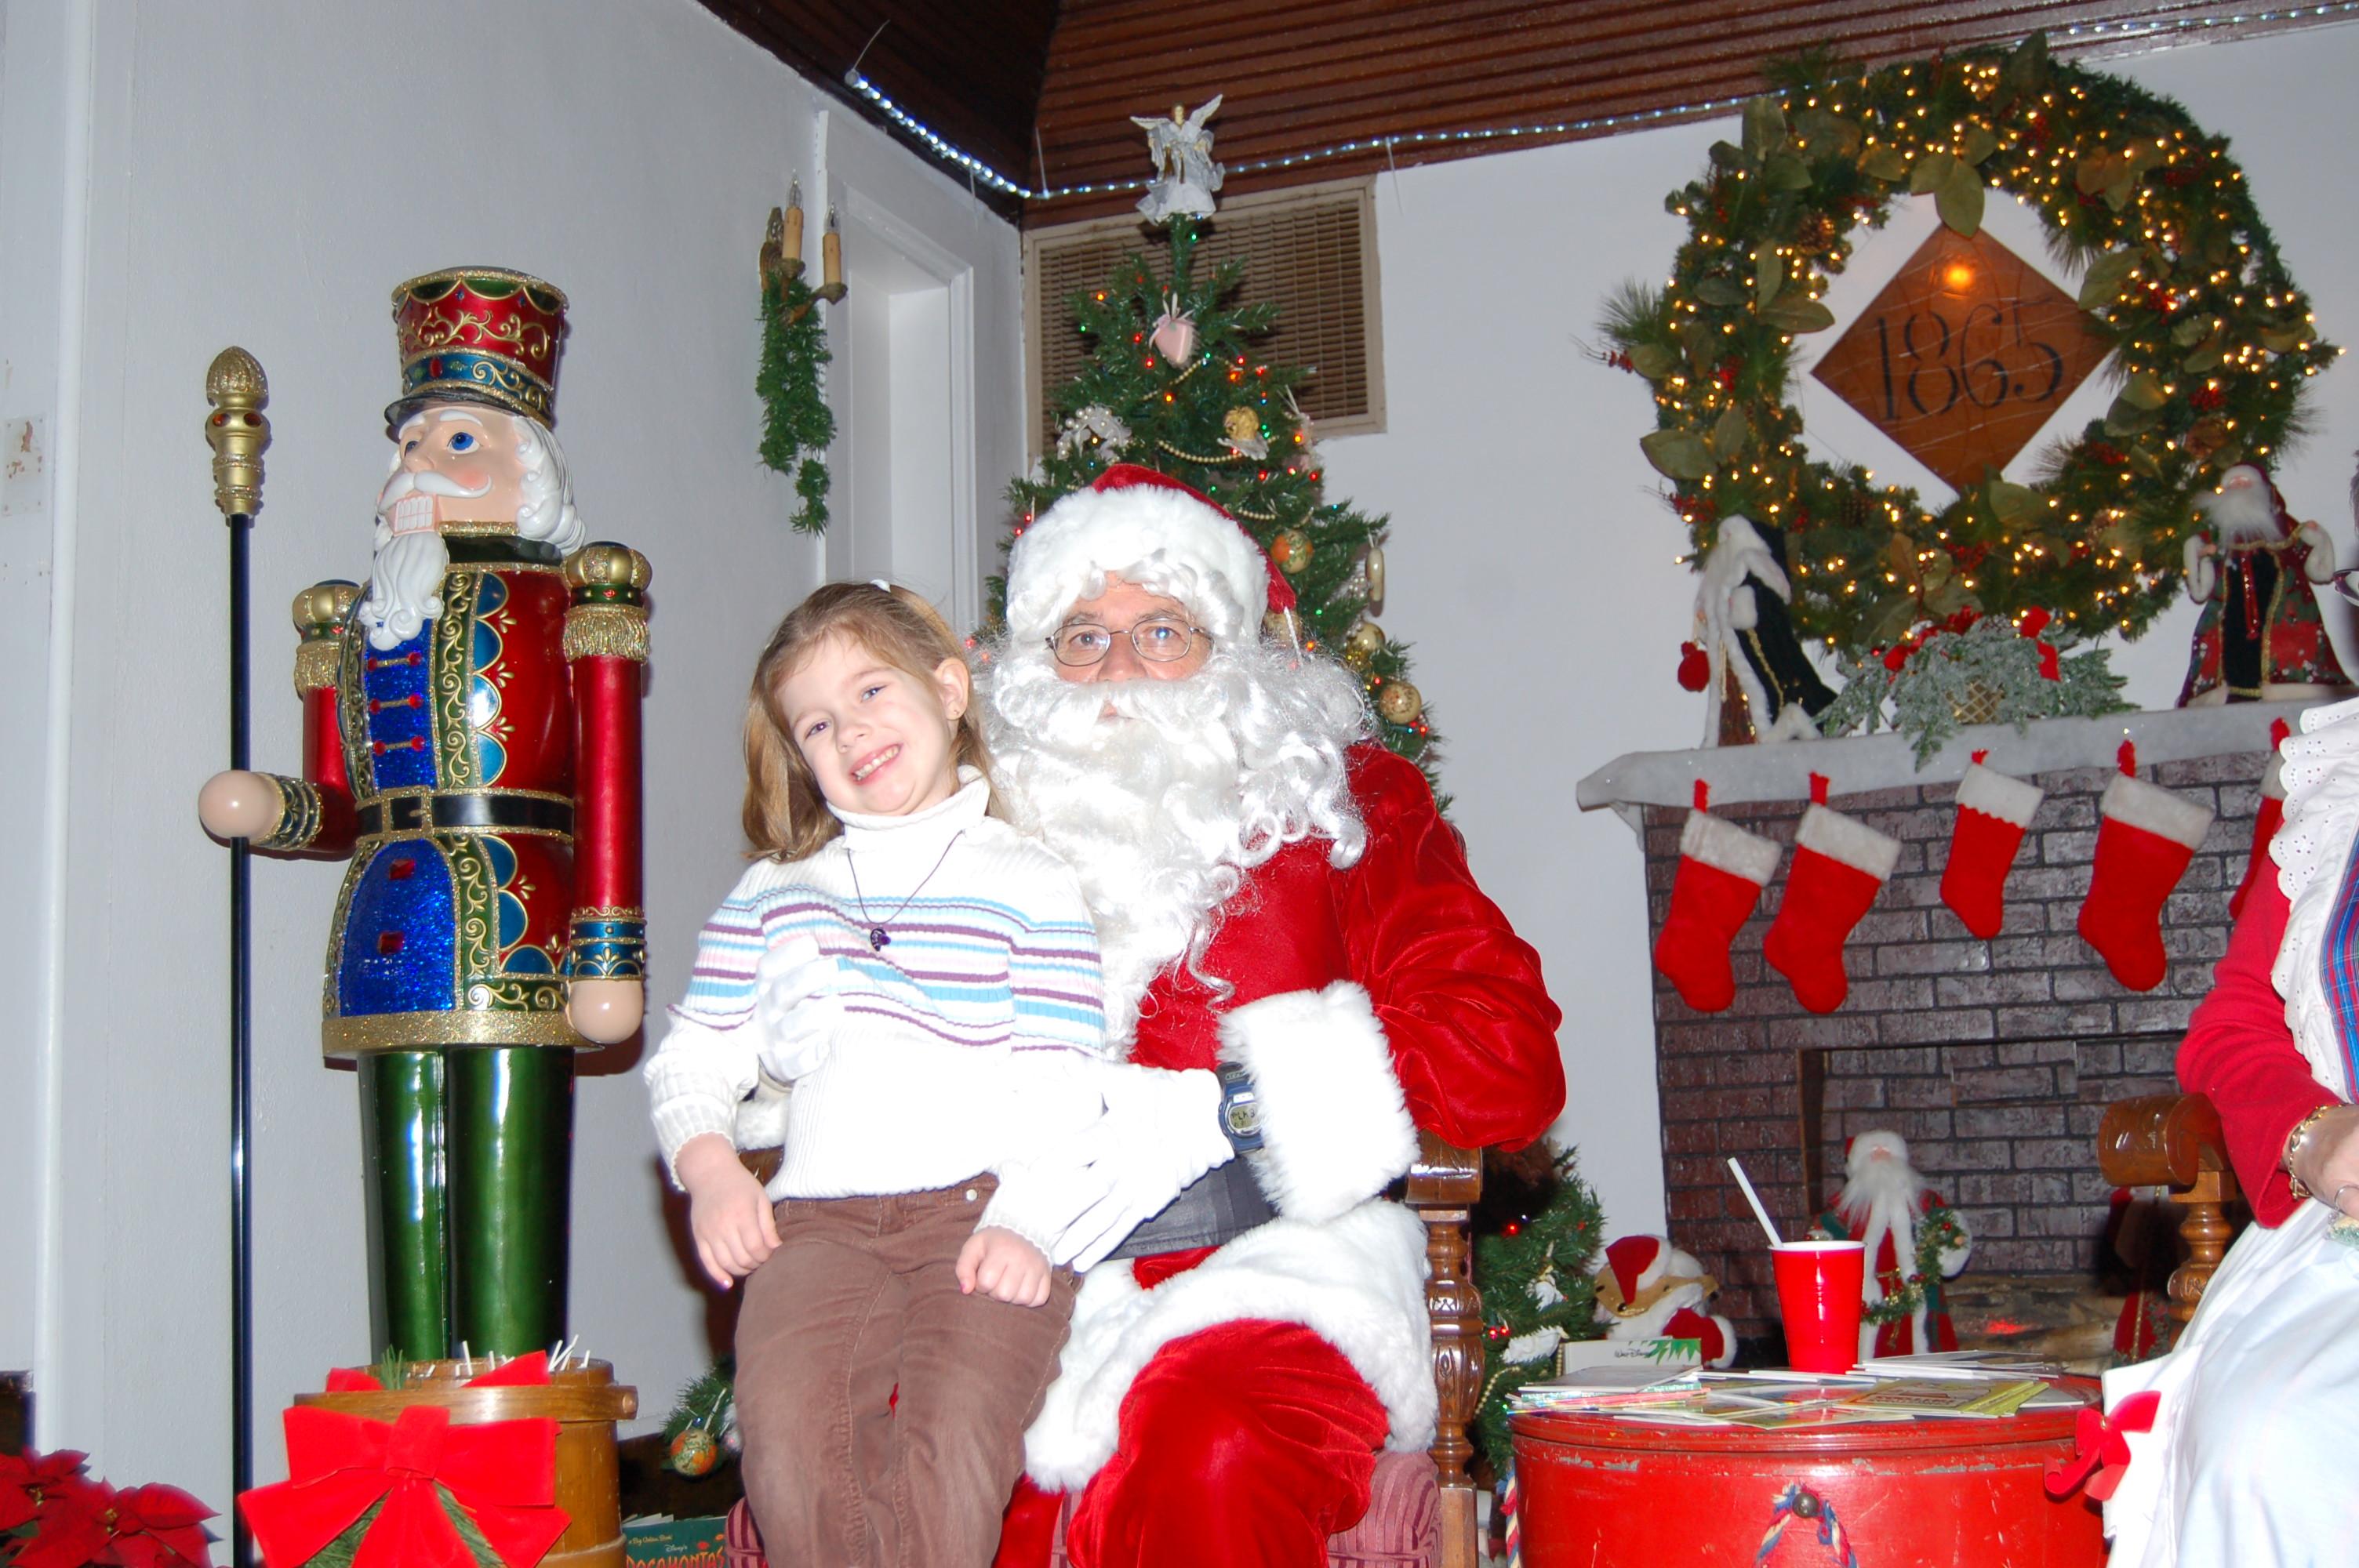 LolliPop+Lane+12-12-2008+Picture+011.jpg